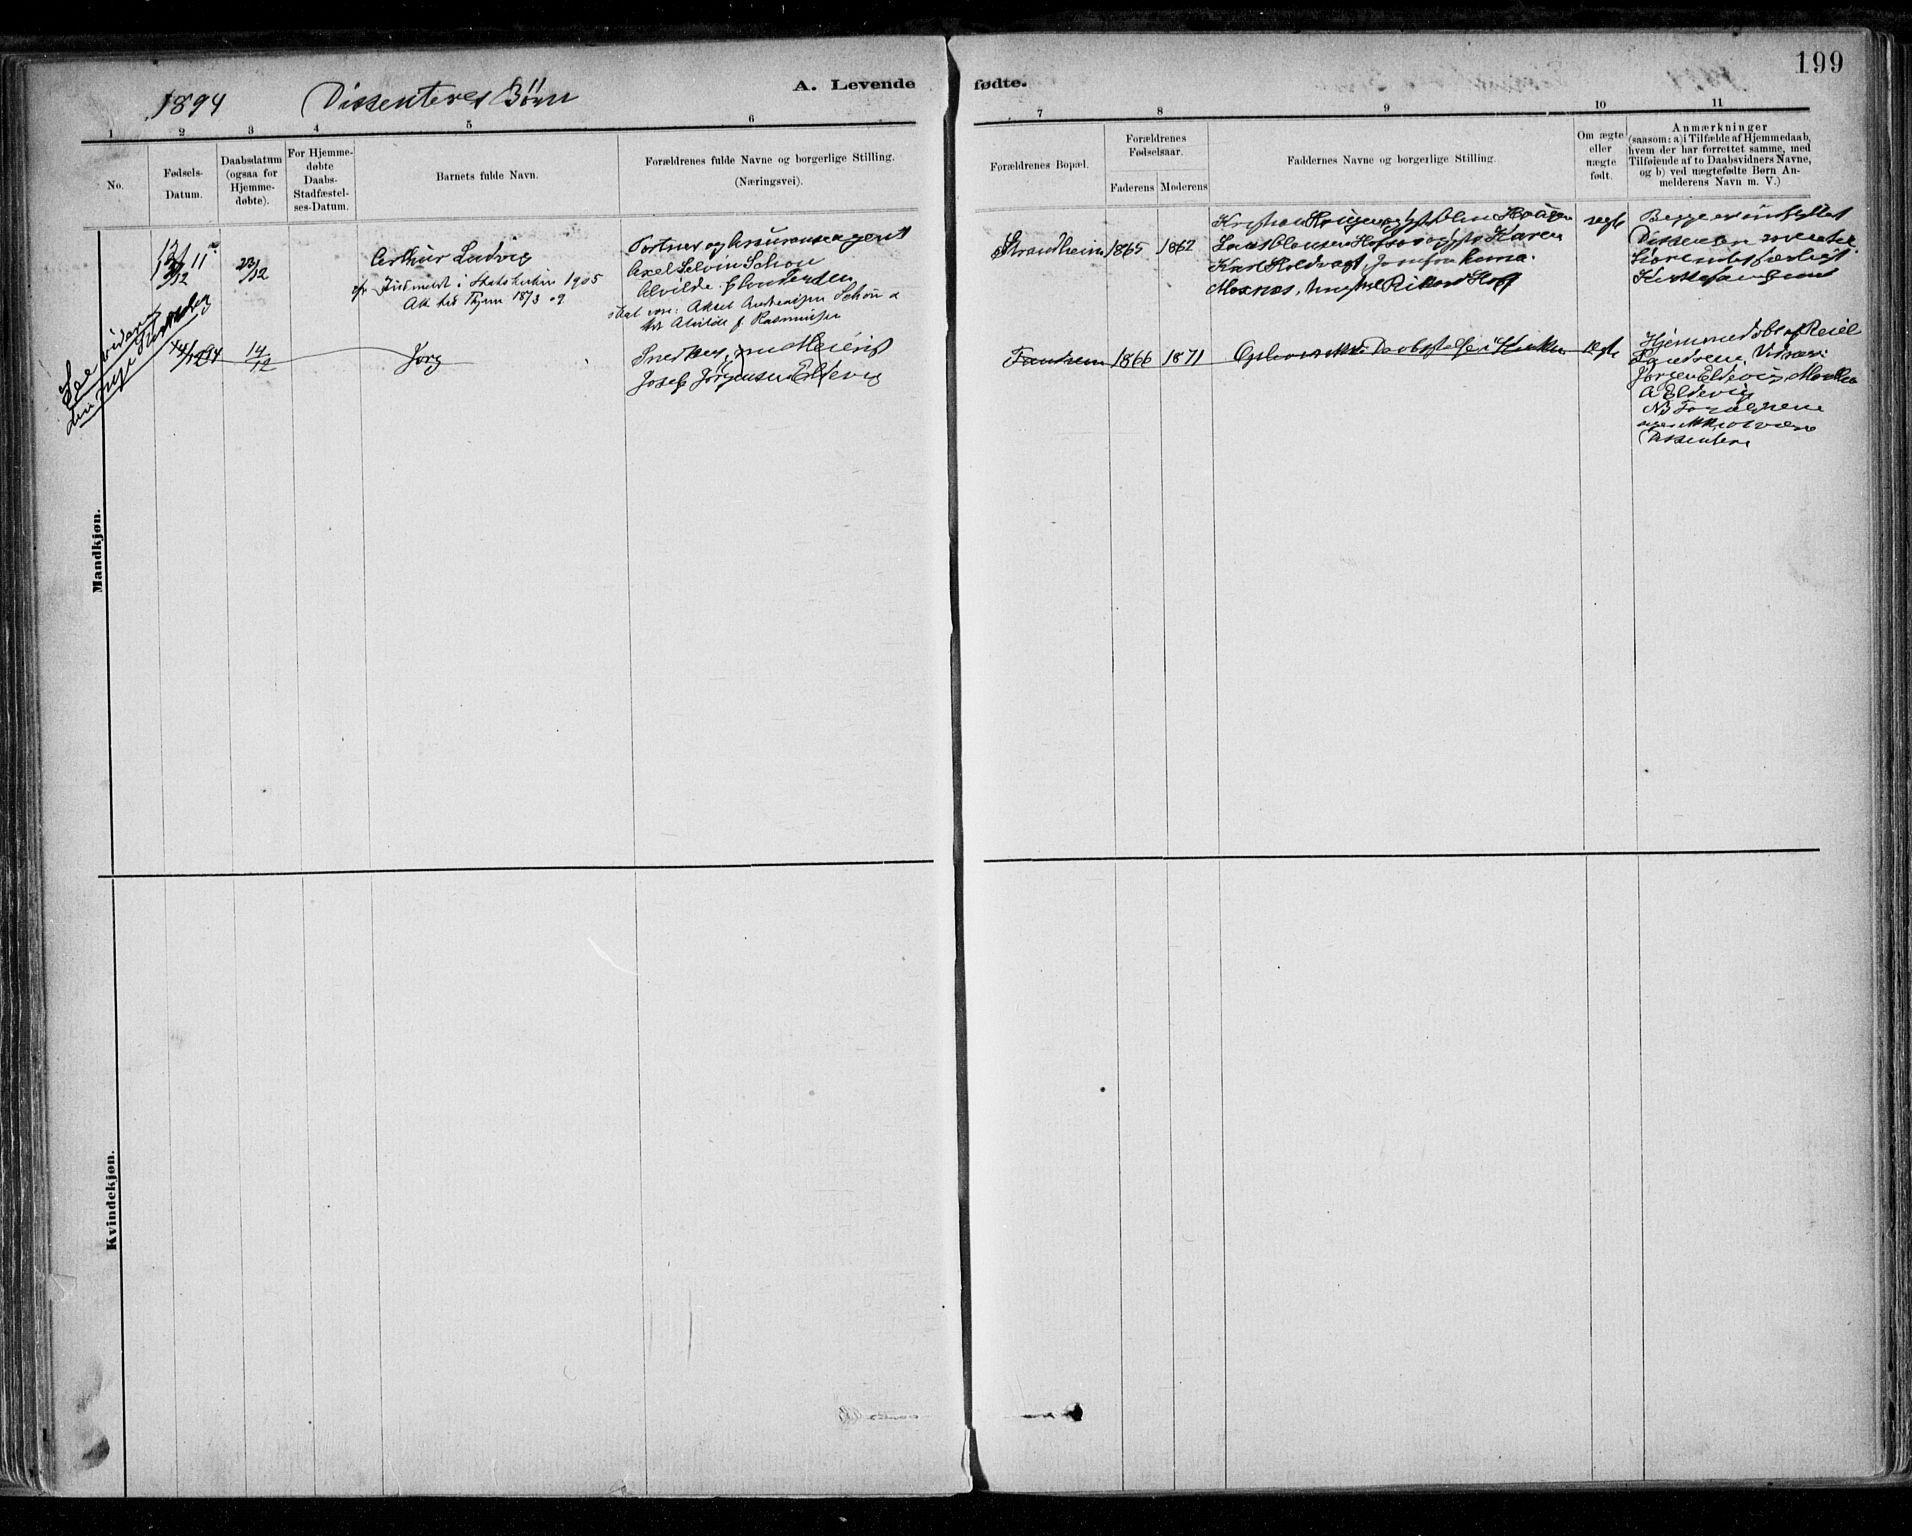 SAT, Ministerialprotokoller, klokkerbøker og fødselsregistre - Sør-Trøndelag, 668/L0809: Ministerialbok nr. 668A09, 1881-1895, s. 199